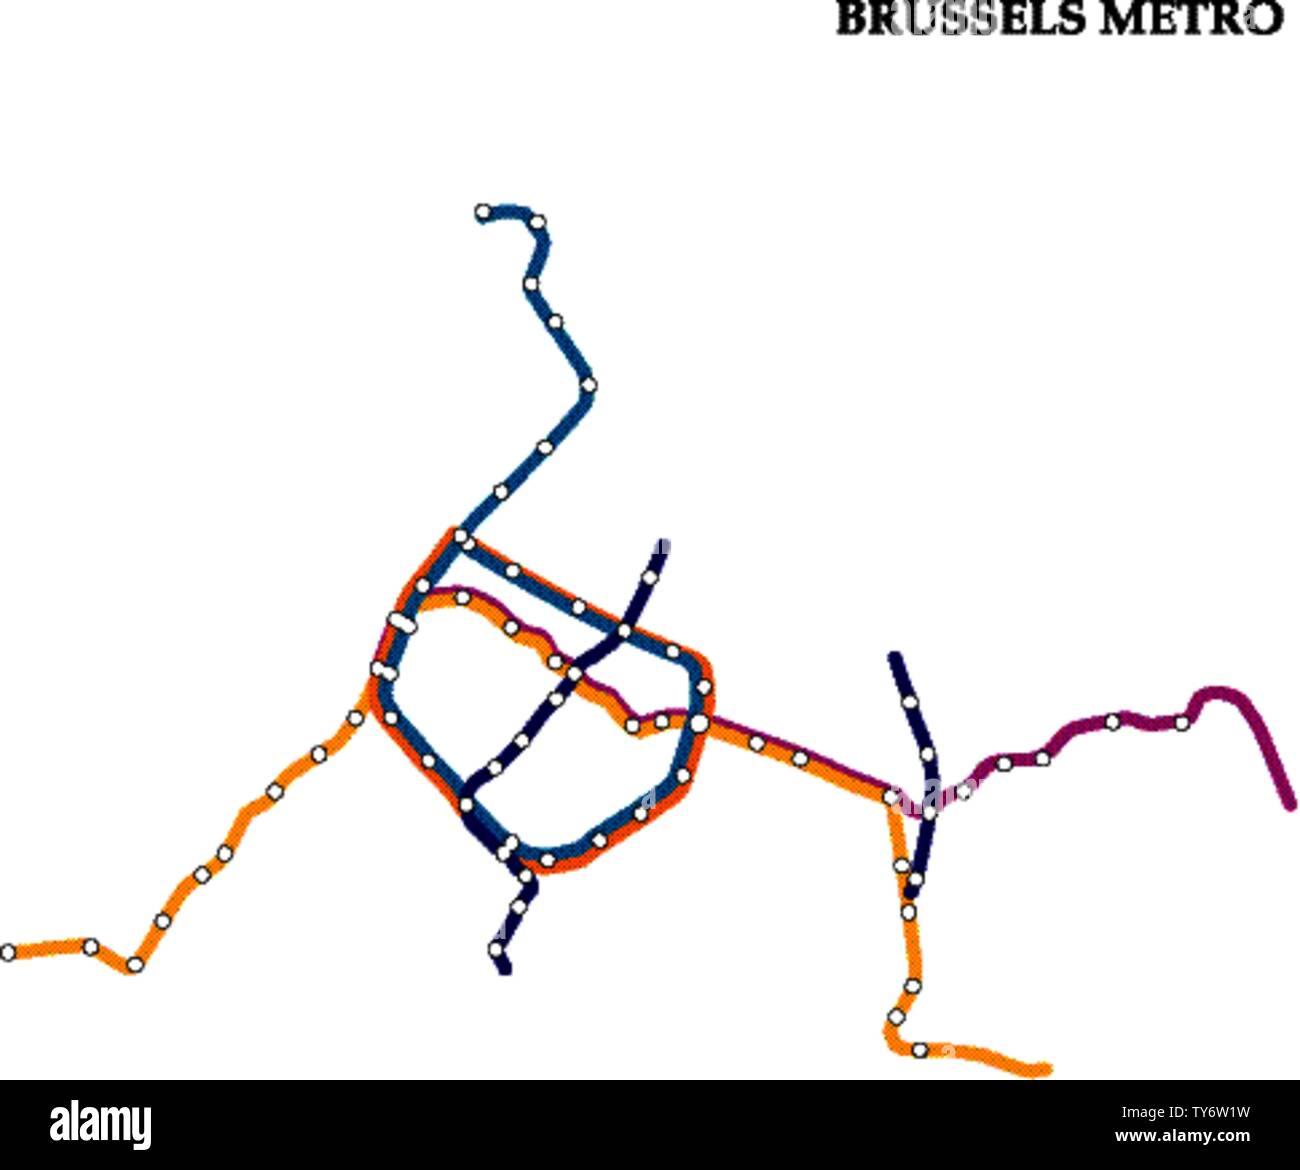 Mapa De Bruselas Metro A Metro La Plantilla Del Sistema De